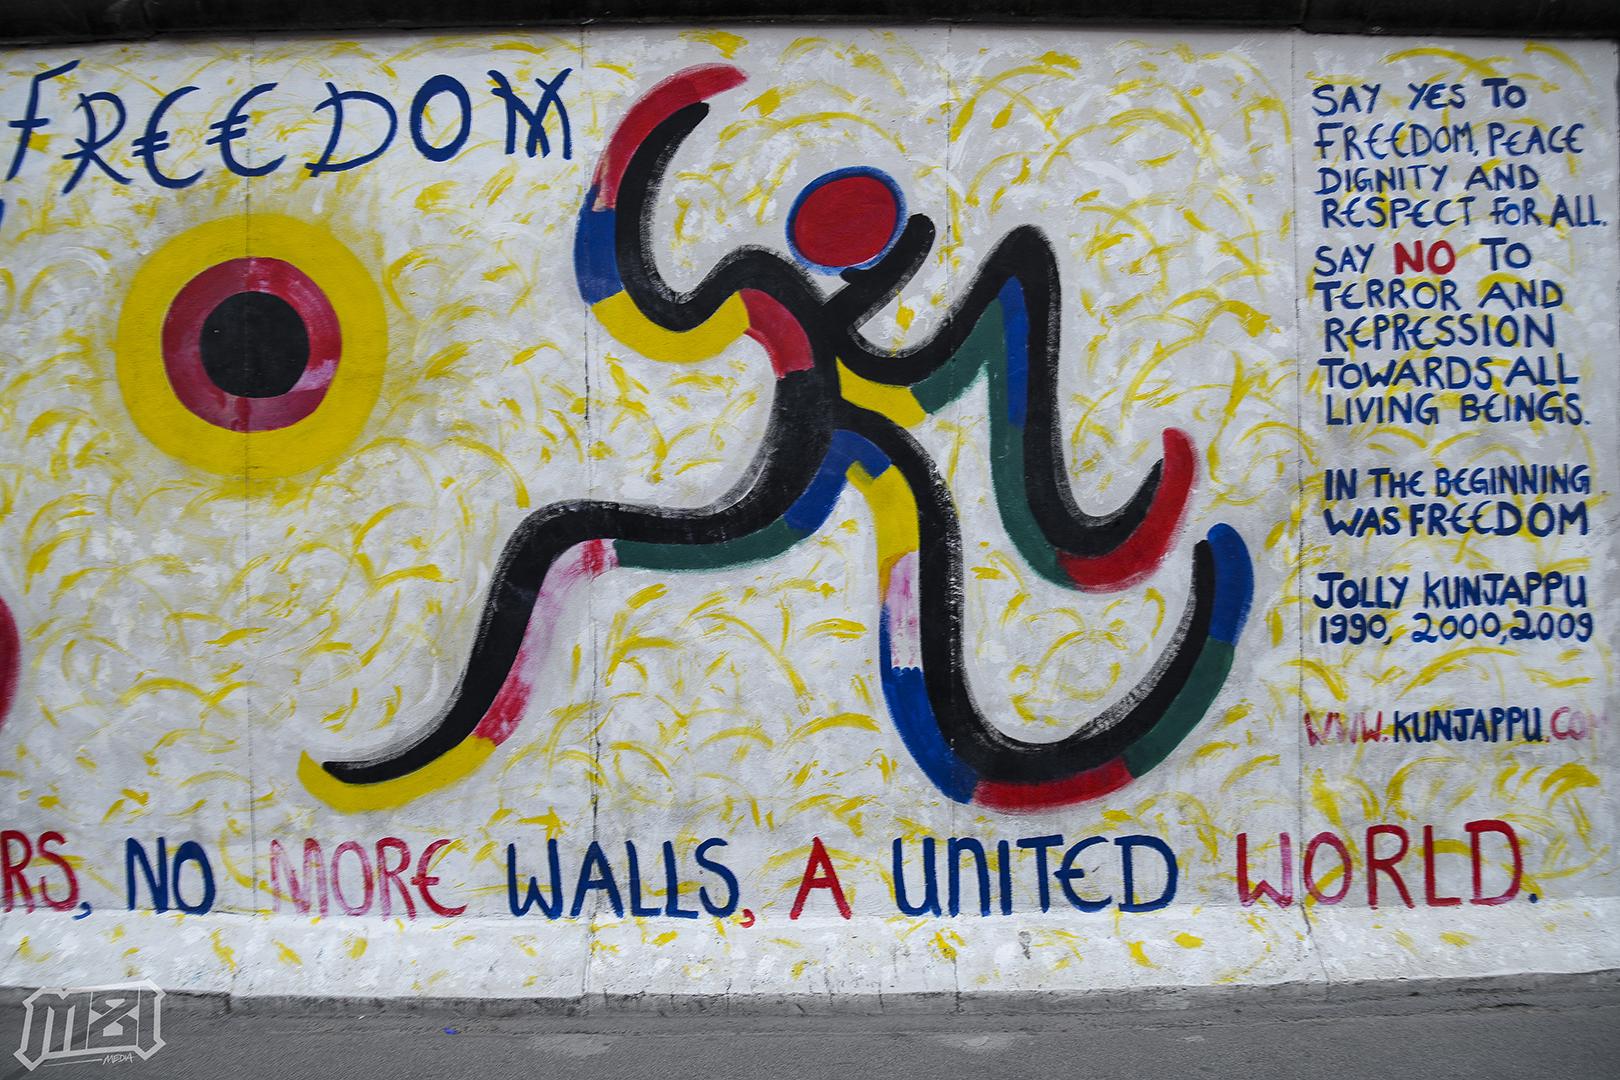 No More Walls, United World